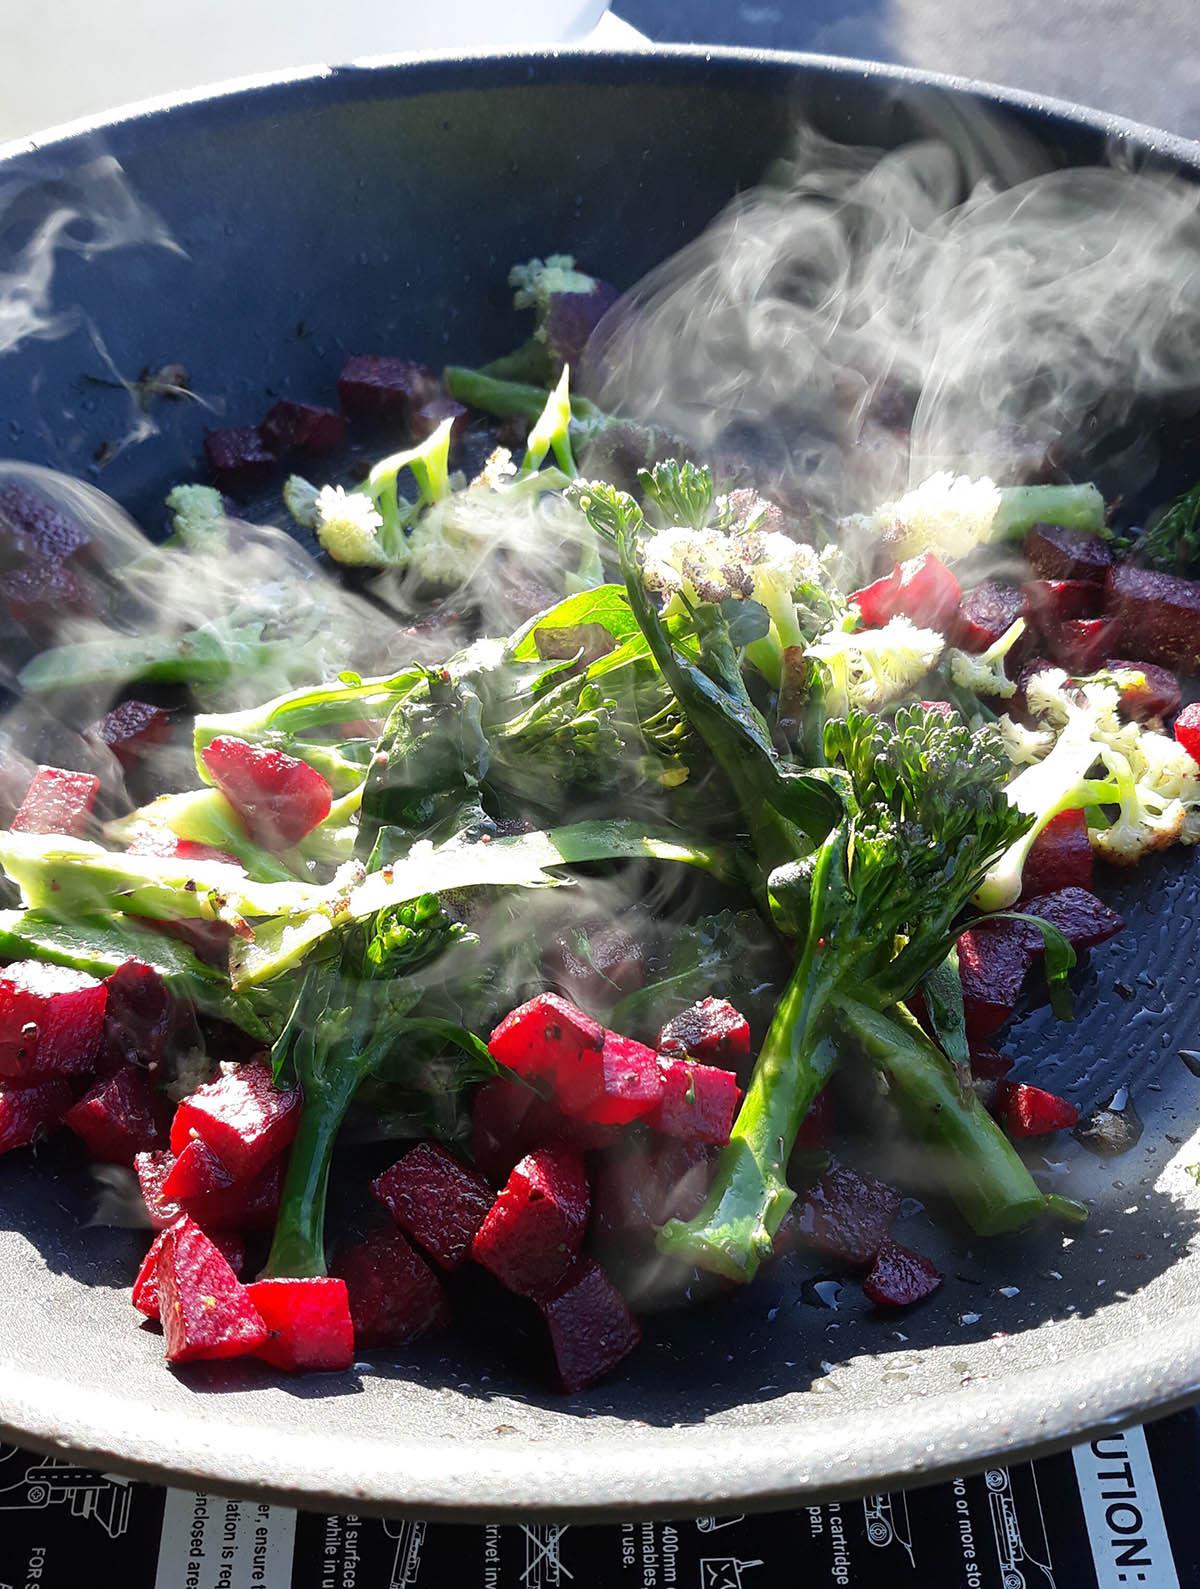 'Market Super Food Salad' – The recipe